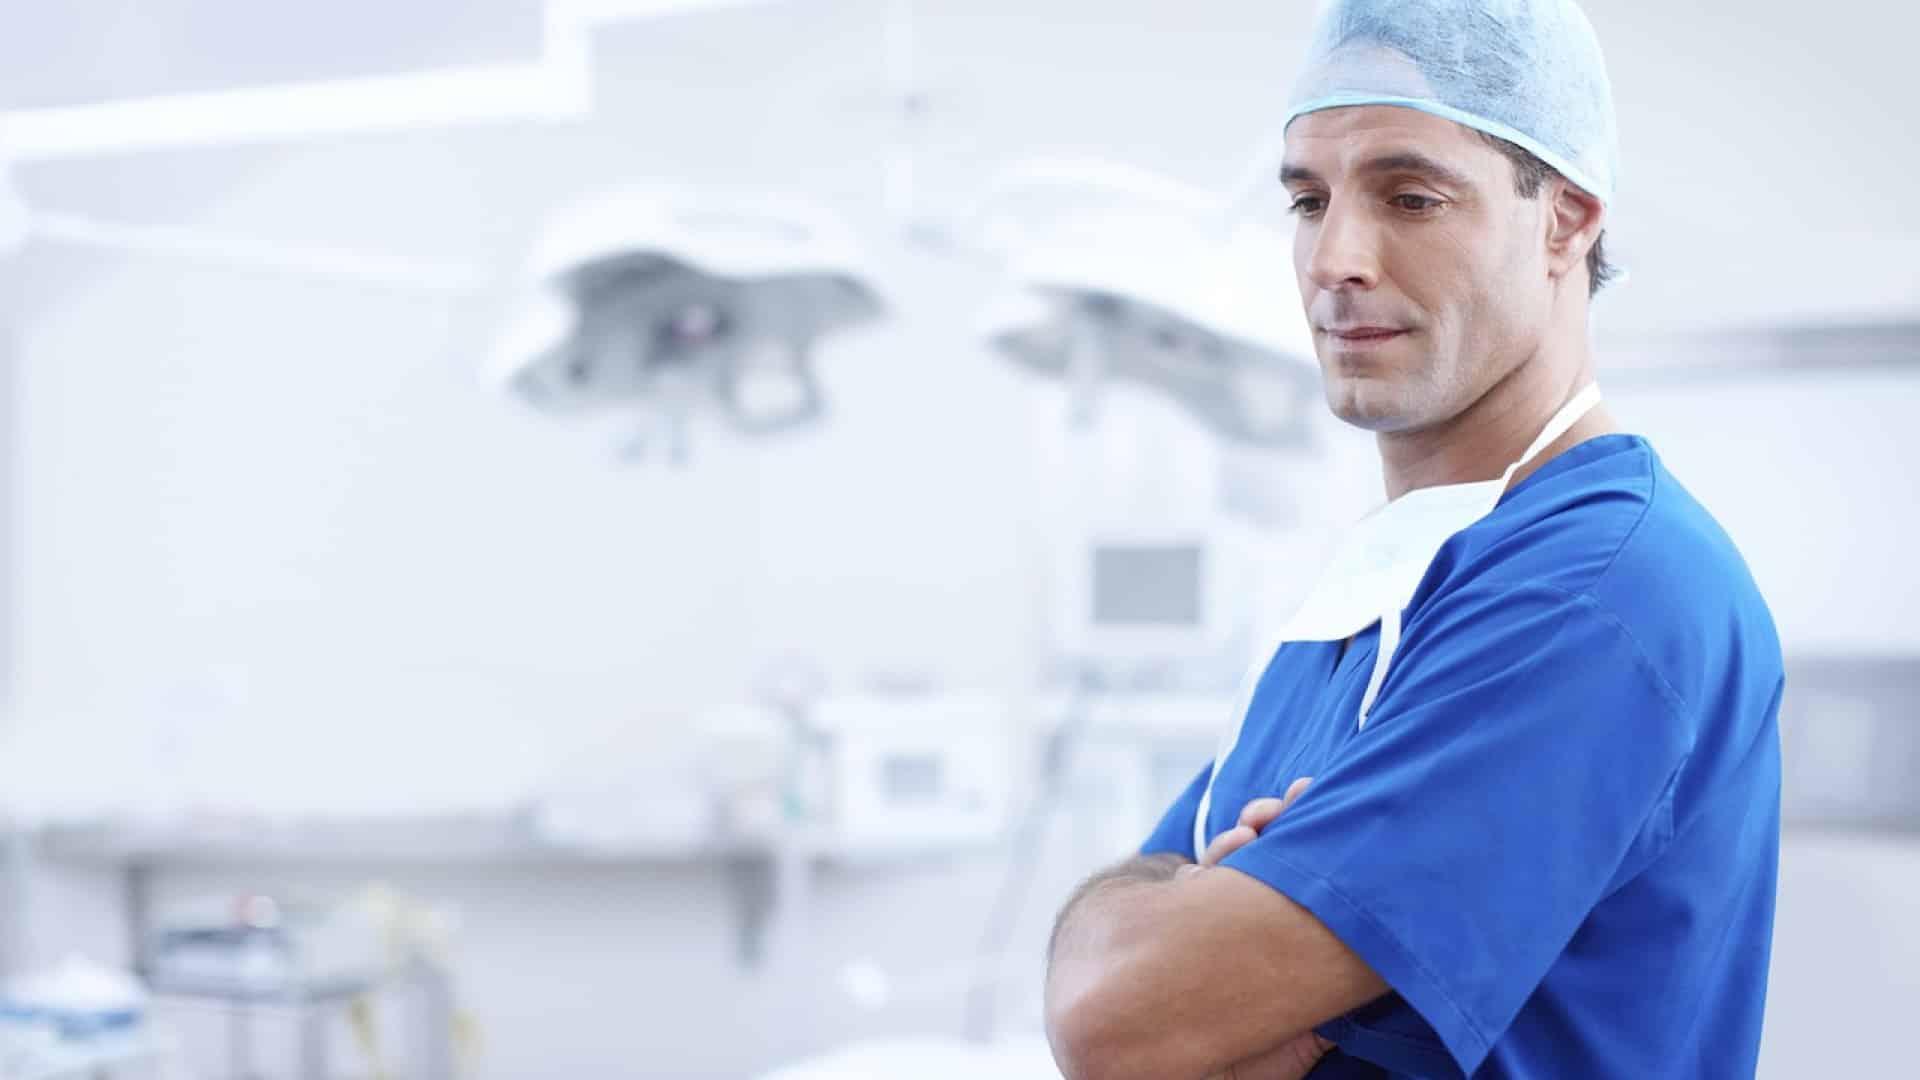 Choisir une complémentaire santé pour les travailleurs indépendants